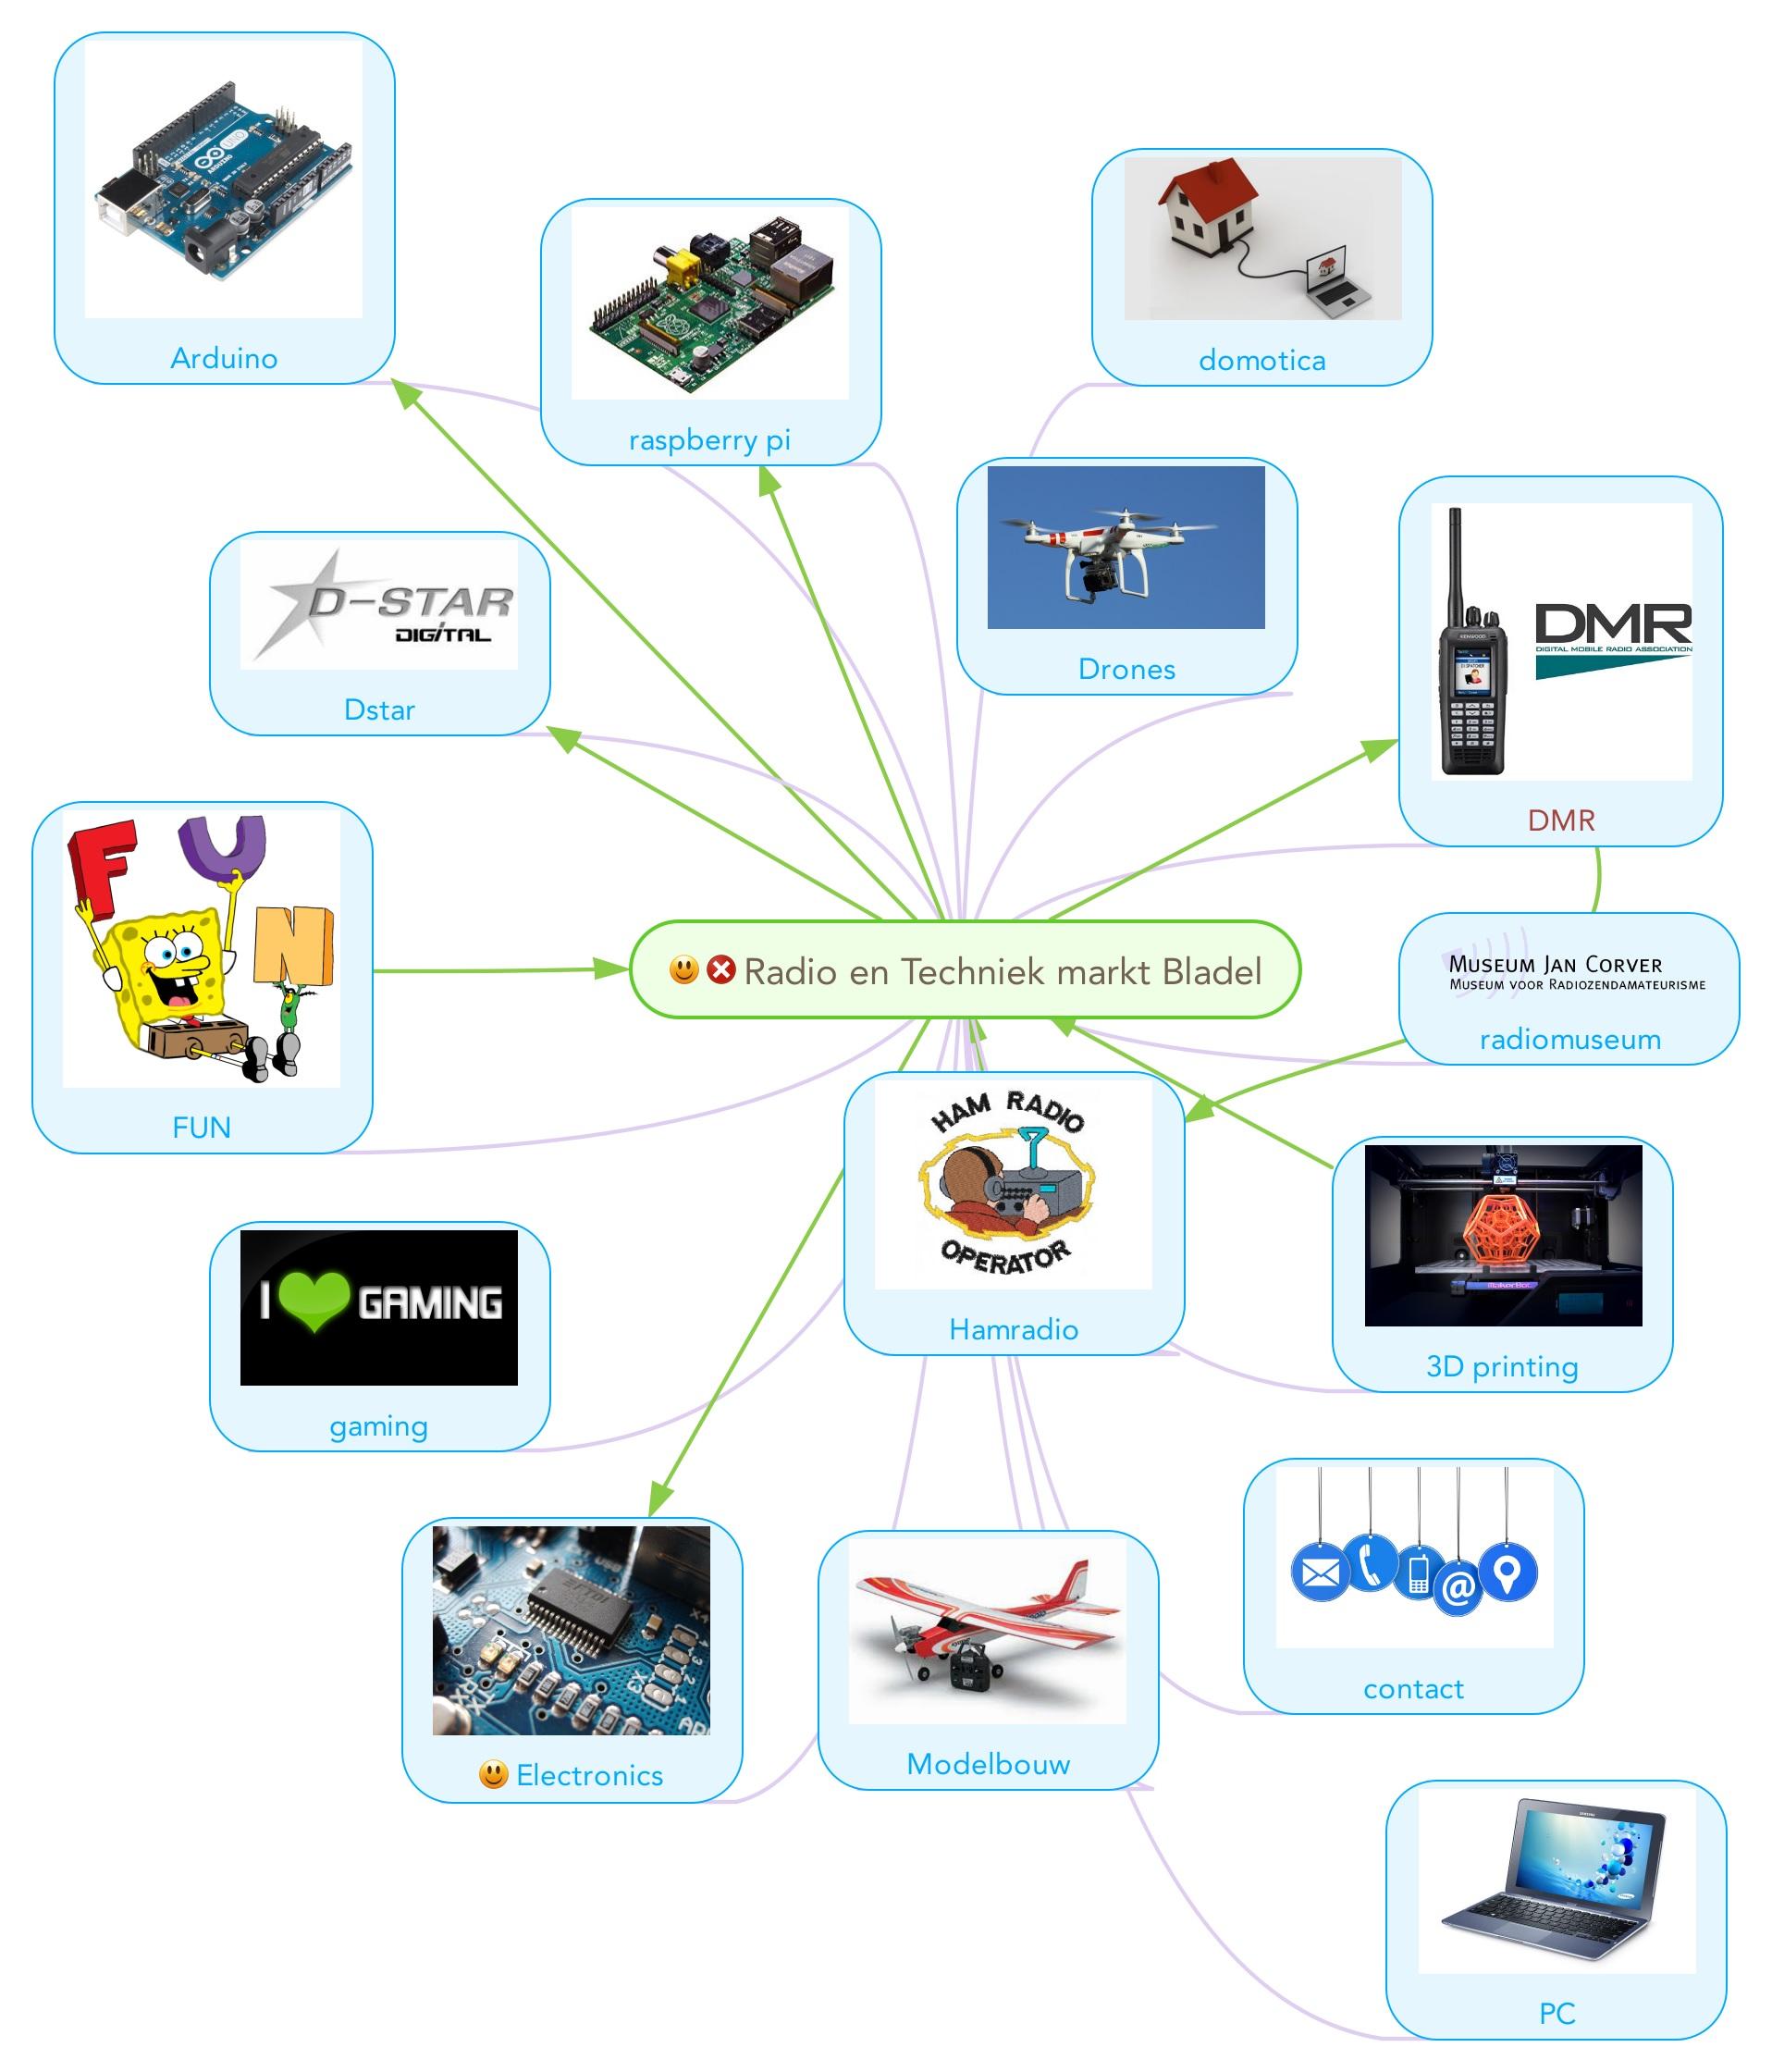 Radio en Techniek markt Bladel